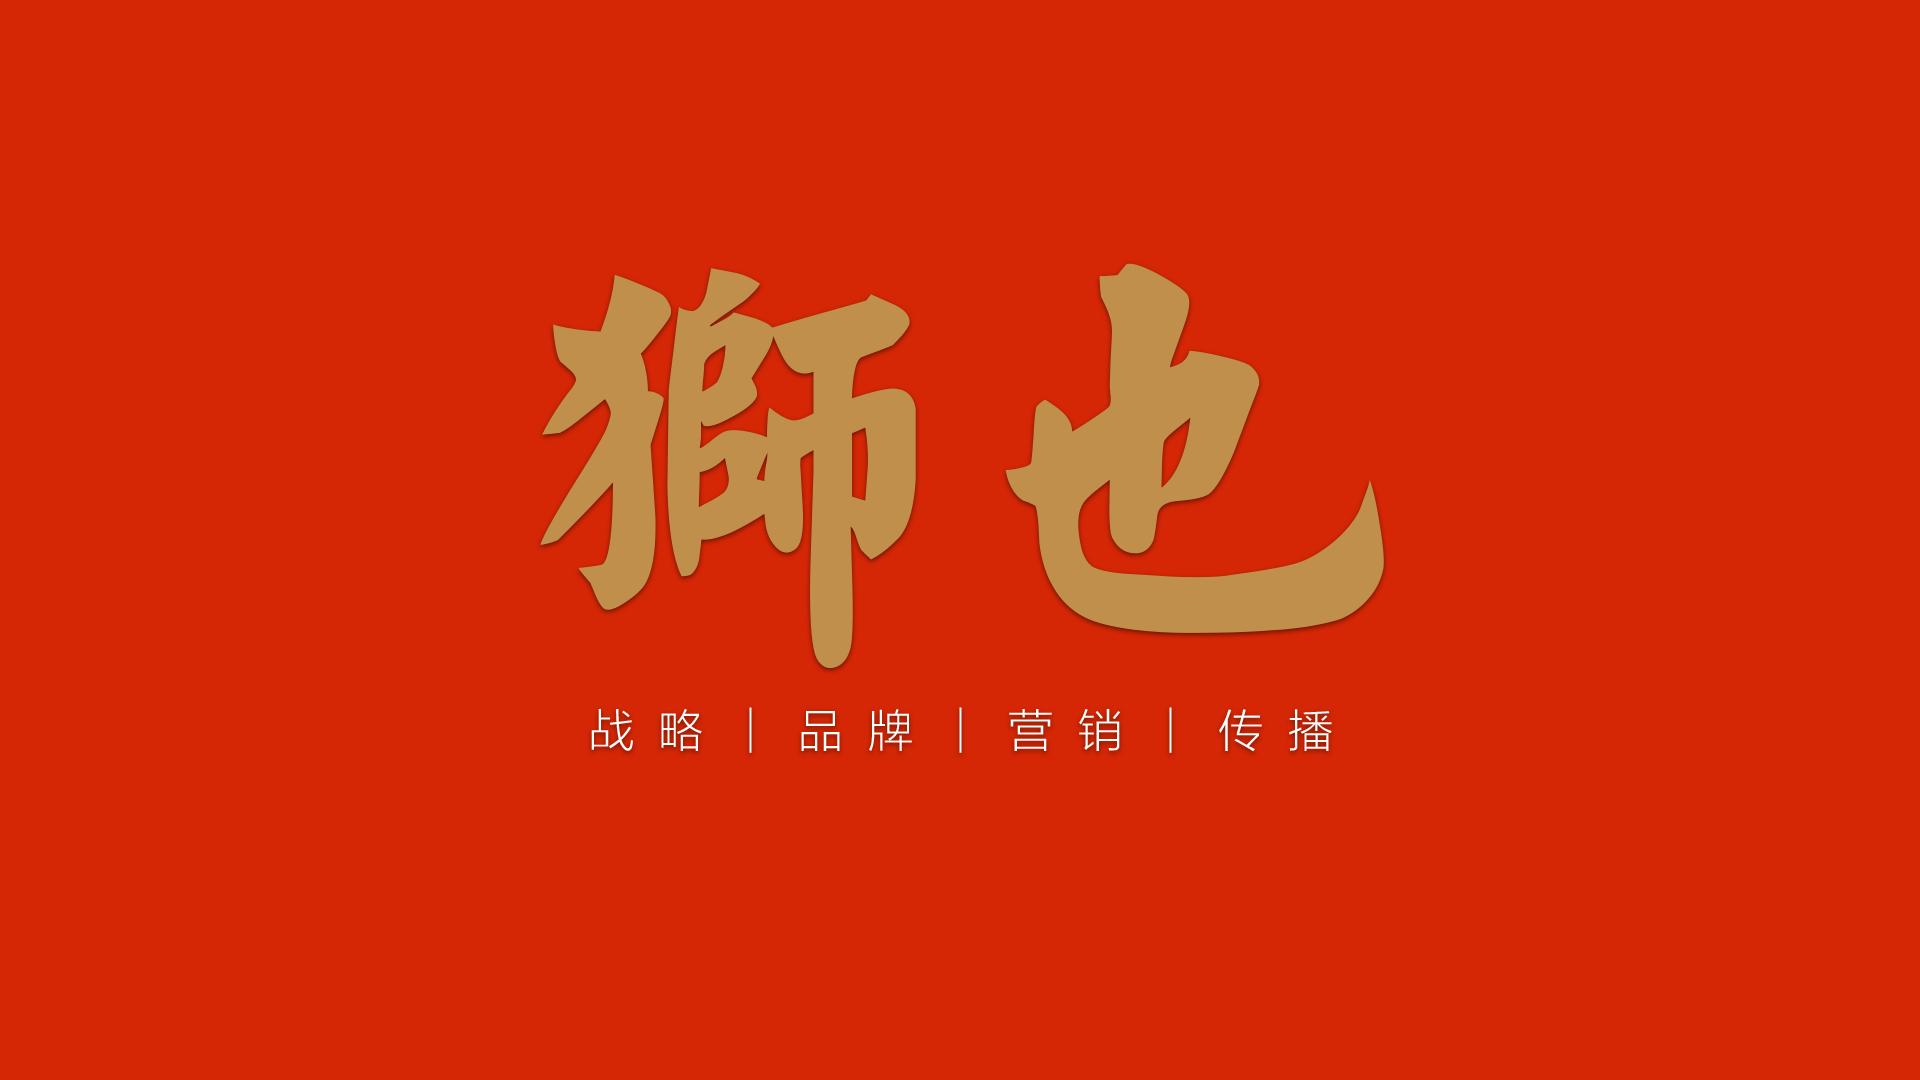 上海营销策划公司—市场营销战略管理的主要流程